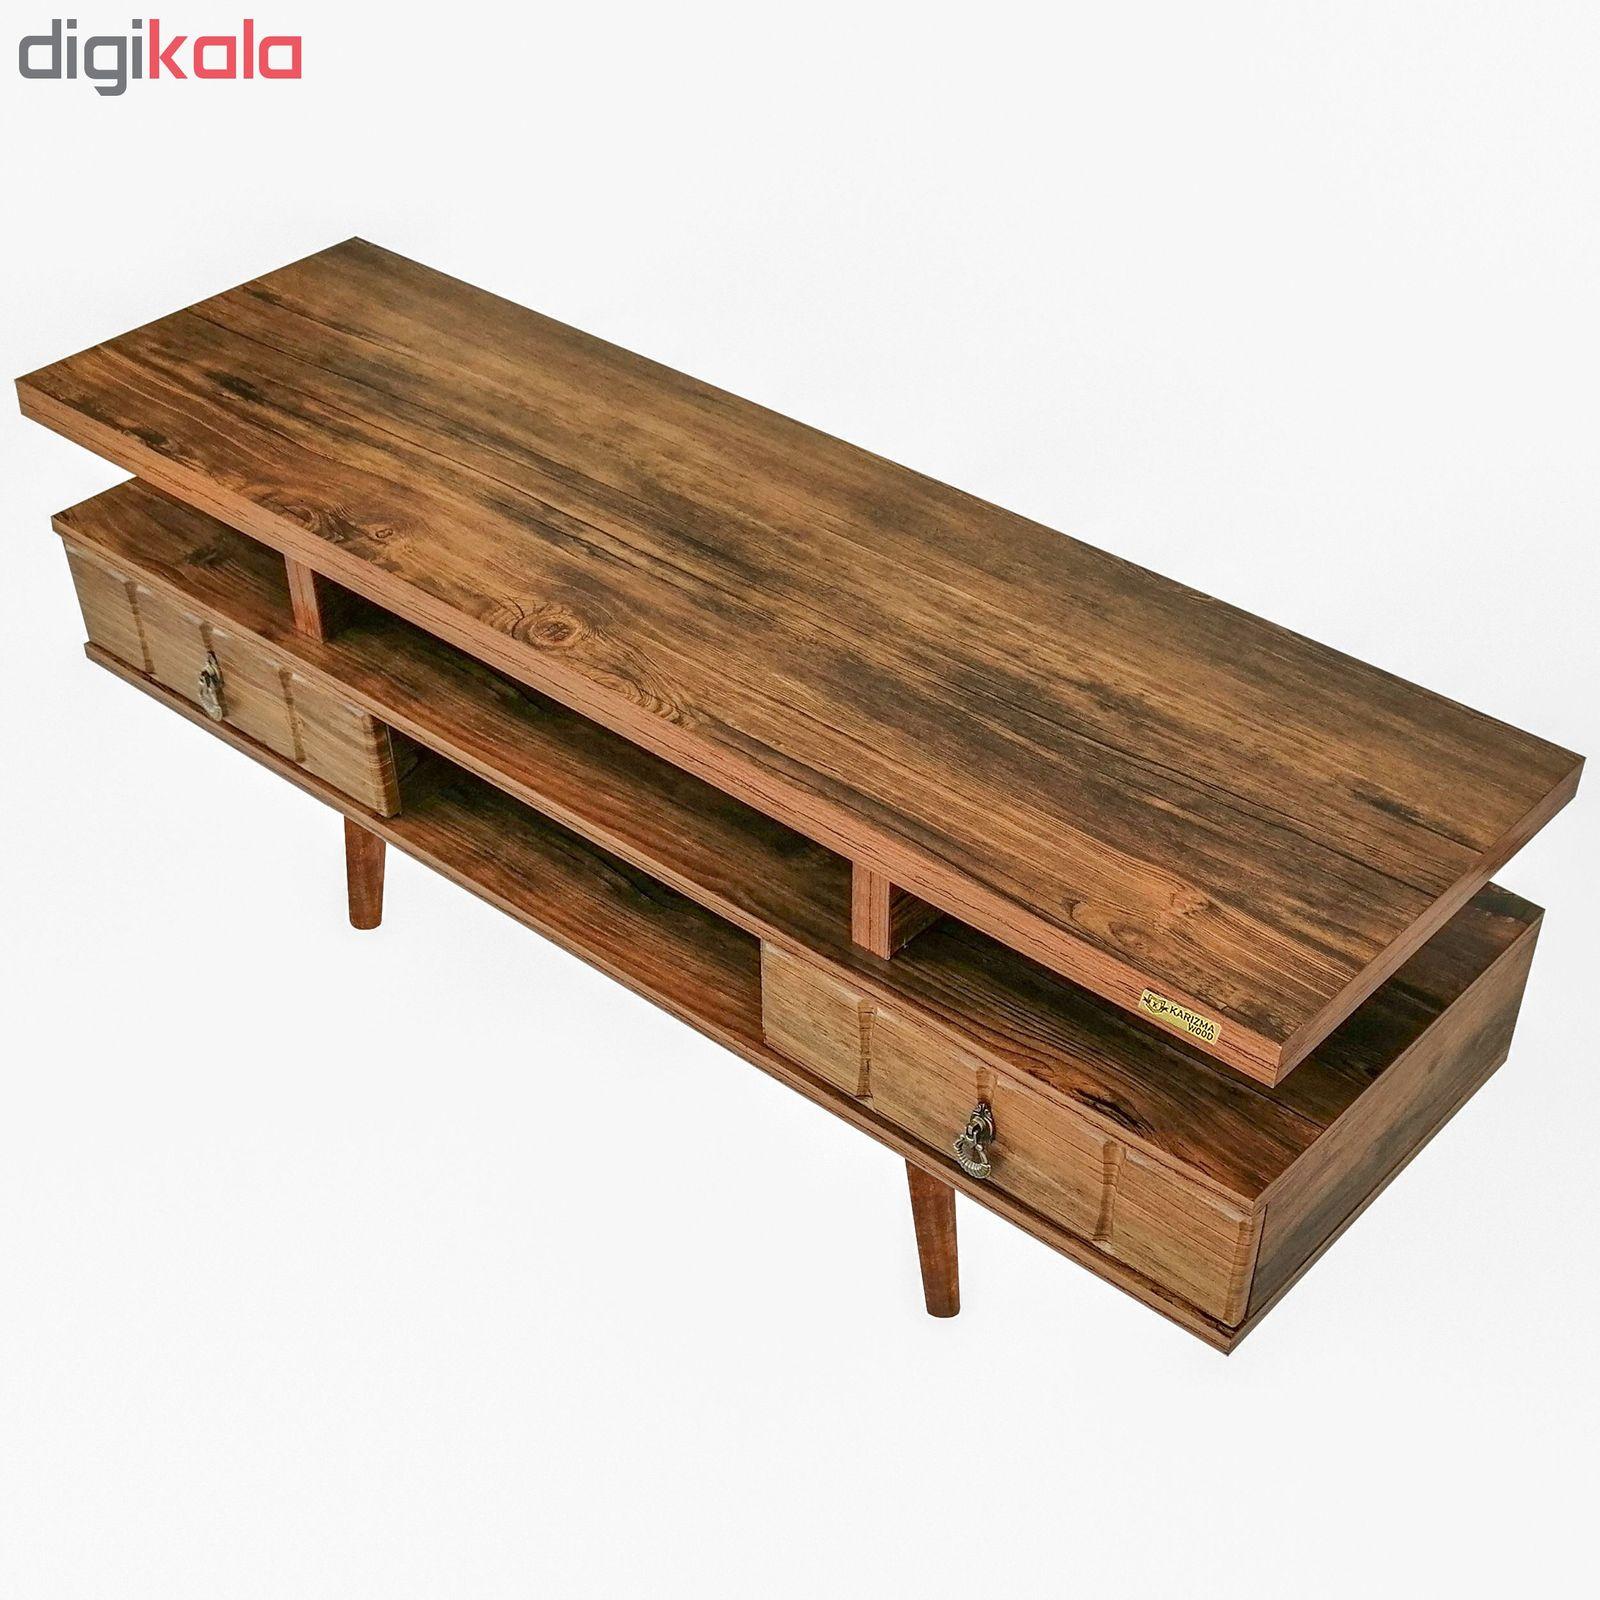 میز تلویزیون کاریزما وود مدل A.KM208 main 1 7